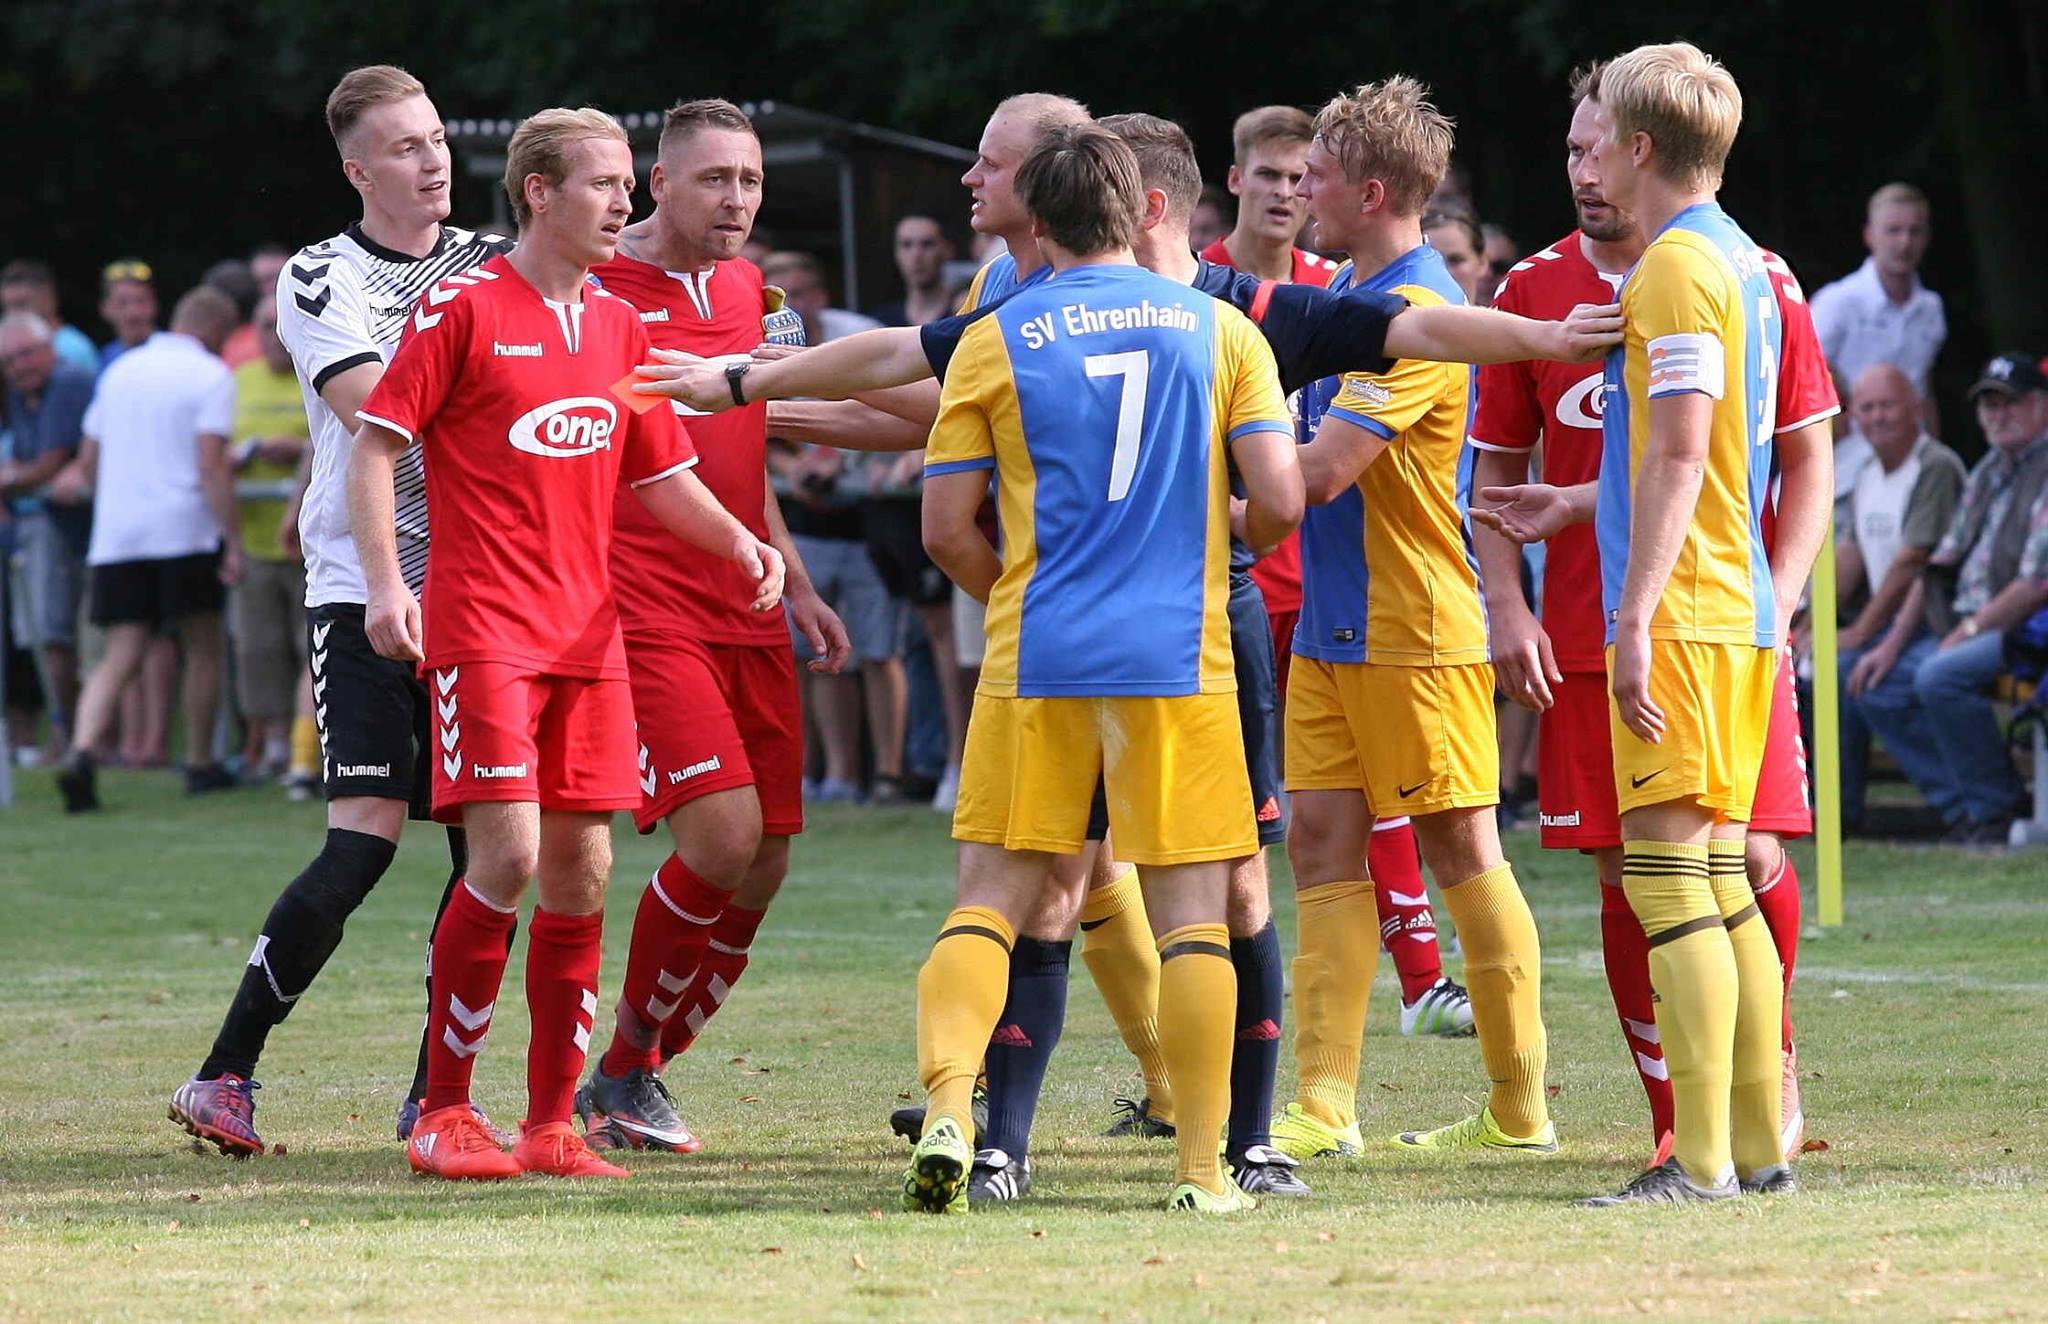 Erste mit emotionalem Derbysieg gegen Meuselwitz